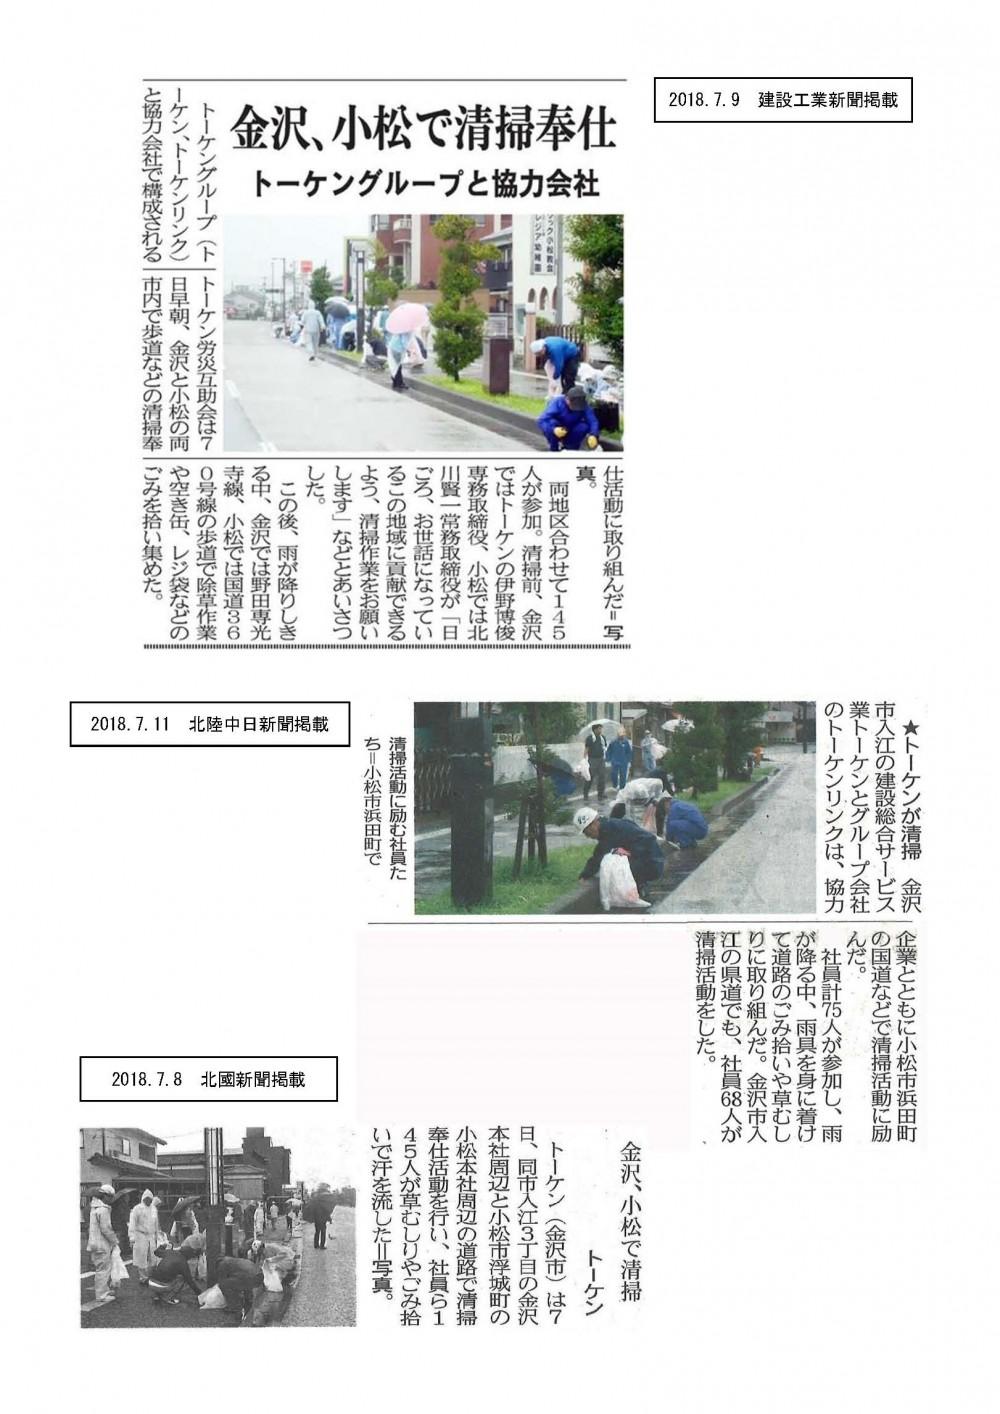 20180708-11_「清掃奉仕活動」(建工・北國・中日)